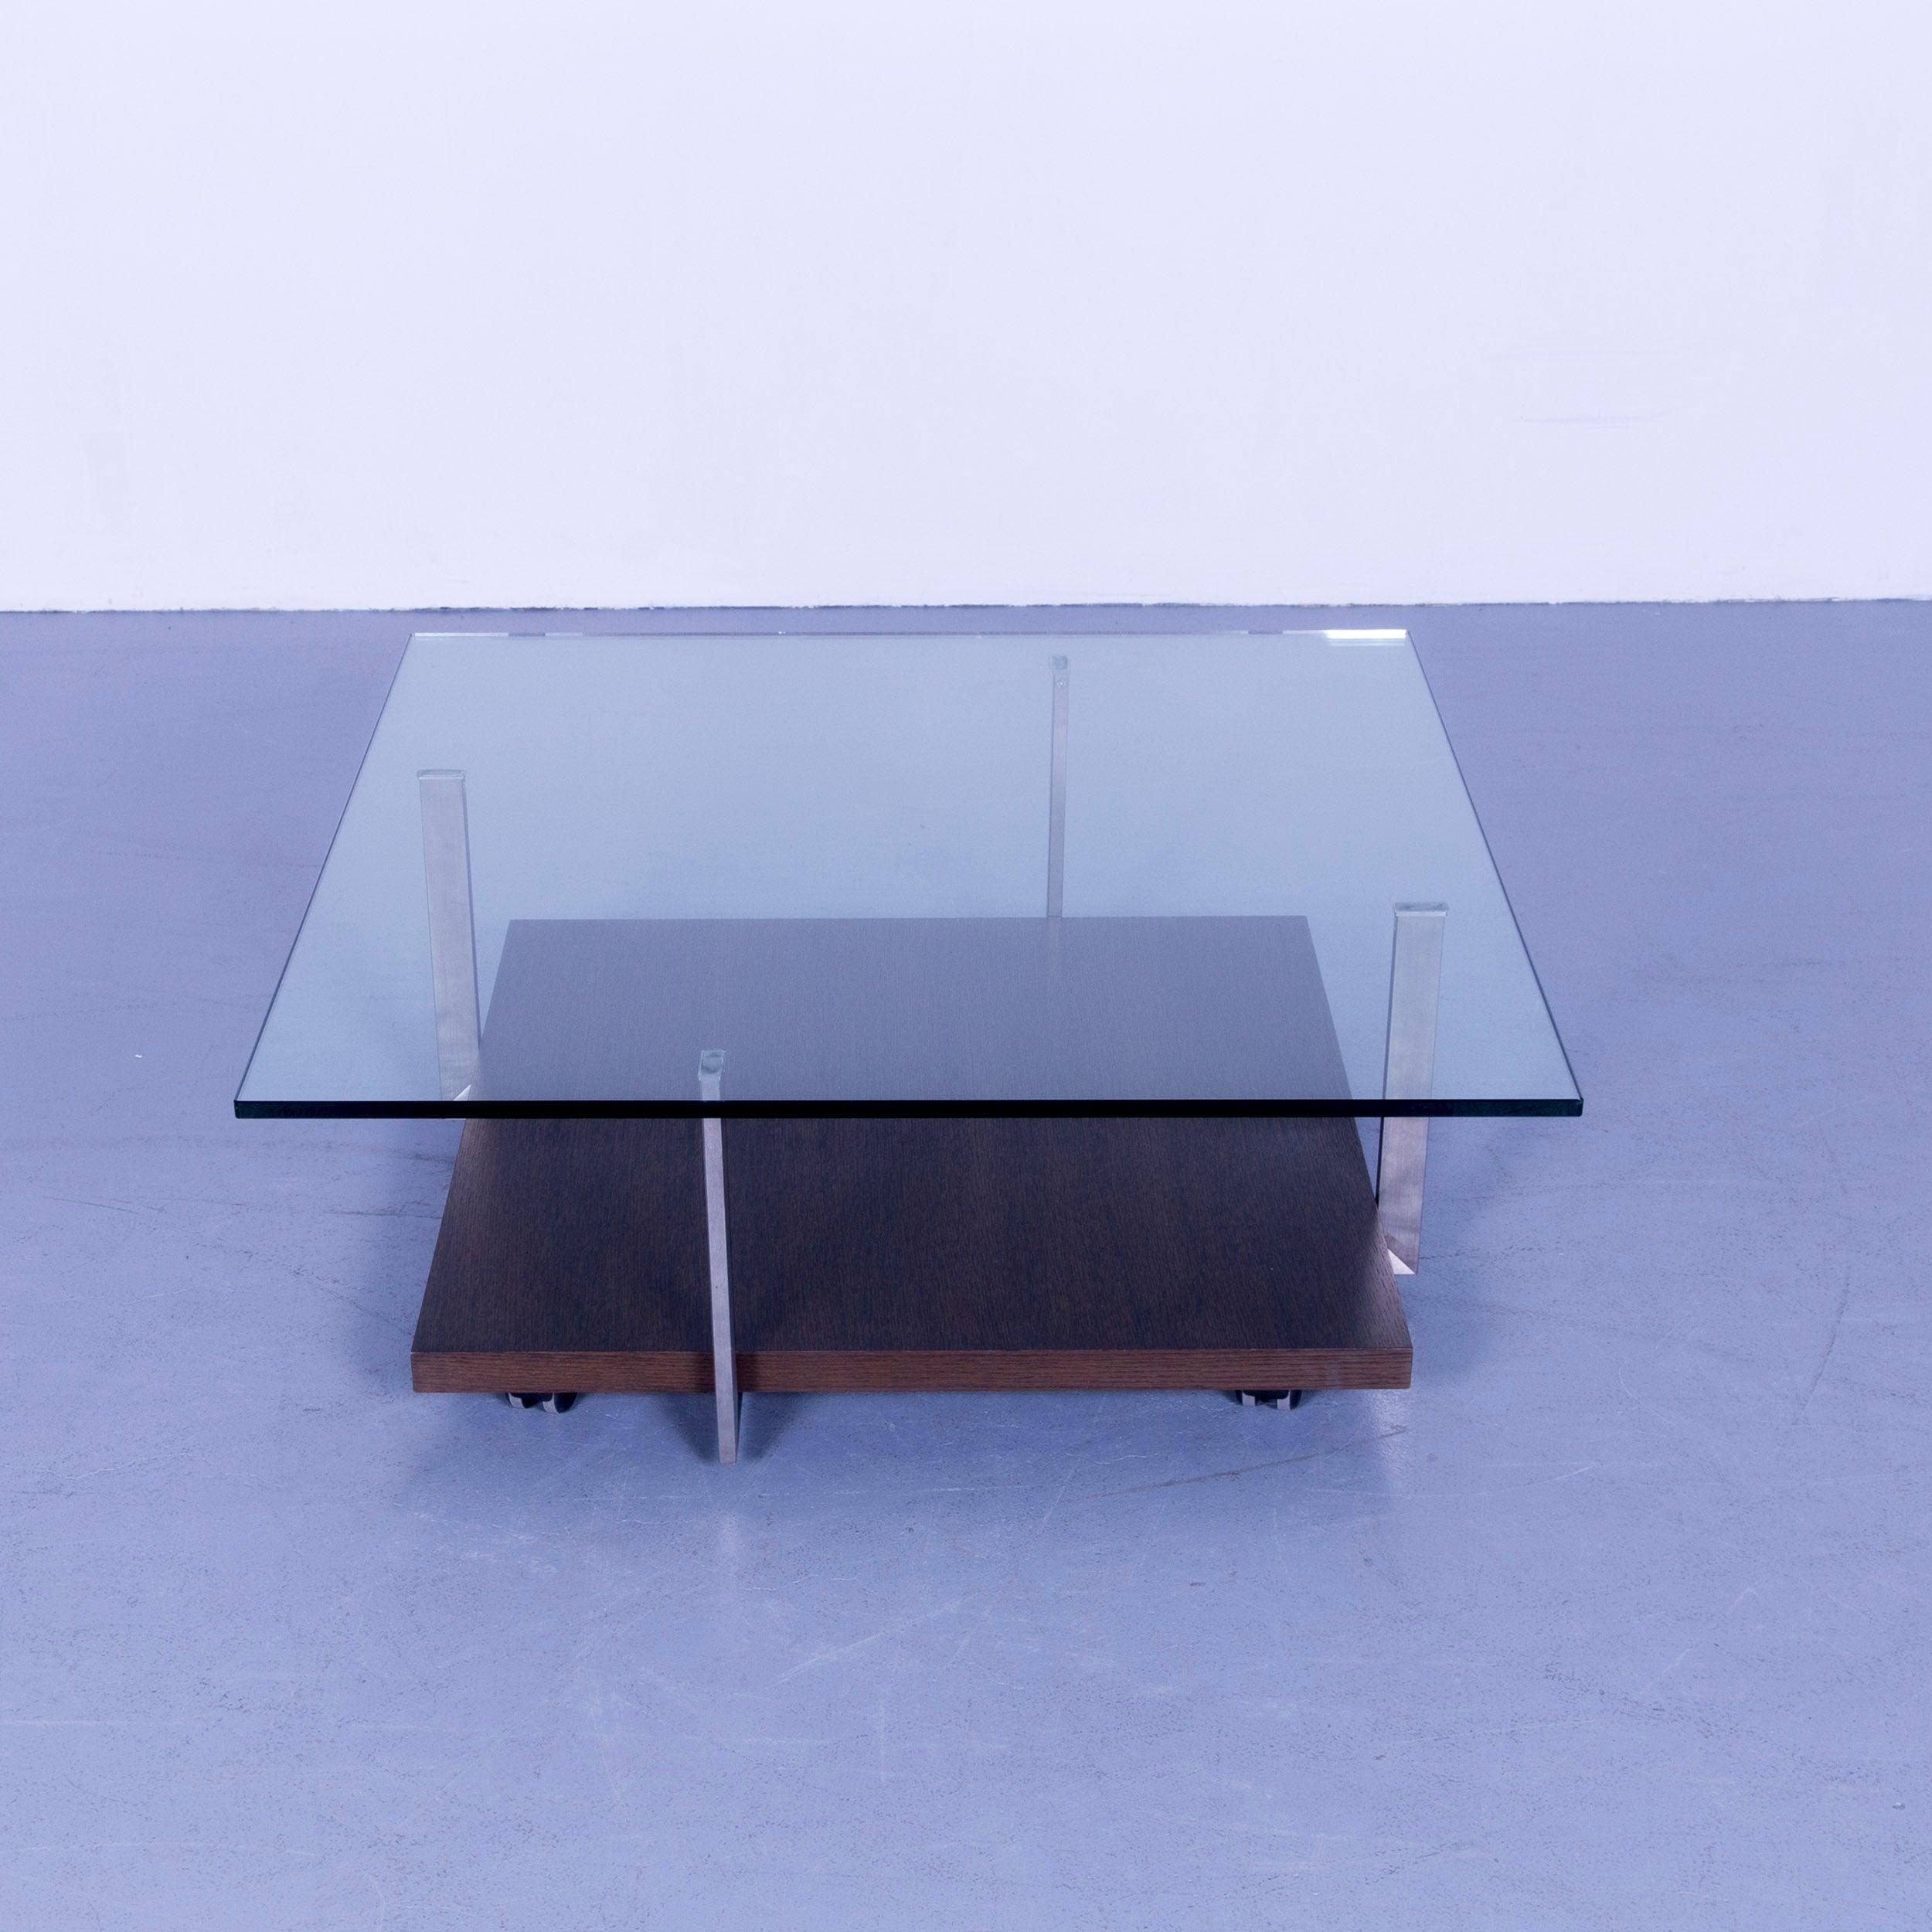 Designer Couchtisch Glas Prisma | kreativ.hbra.online